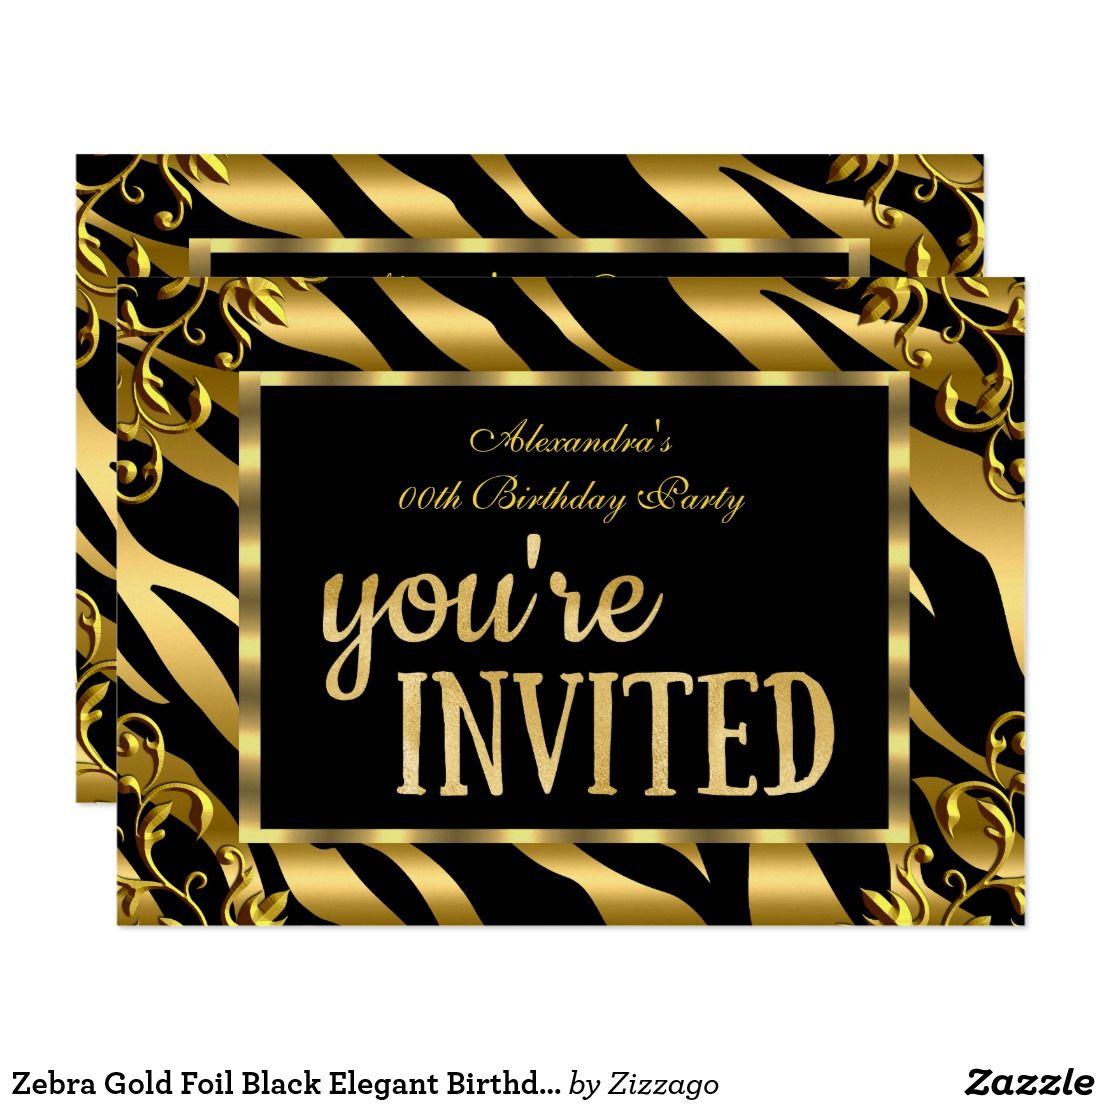 Zebra Gold Foil Black Elegant Birthday Party Invitation   Zazzle.com    Elegant birthday party, Birthday party invitations, Invitations